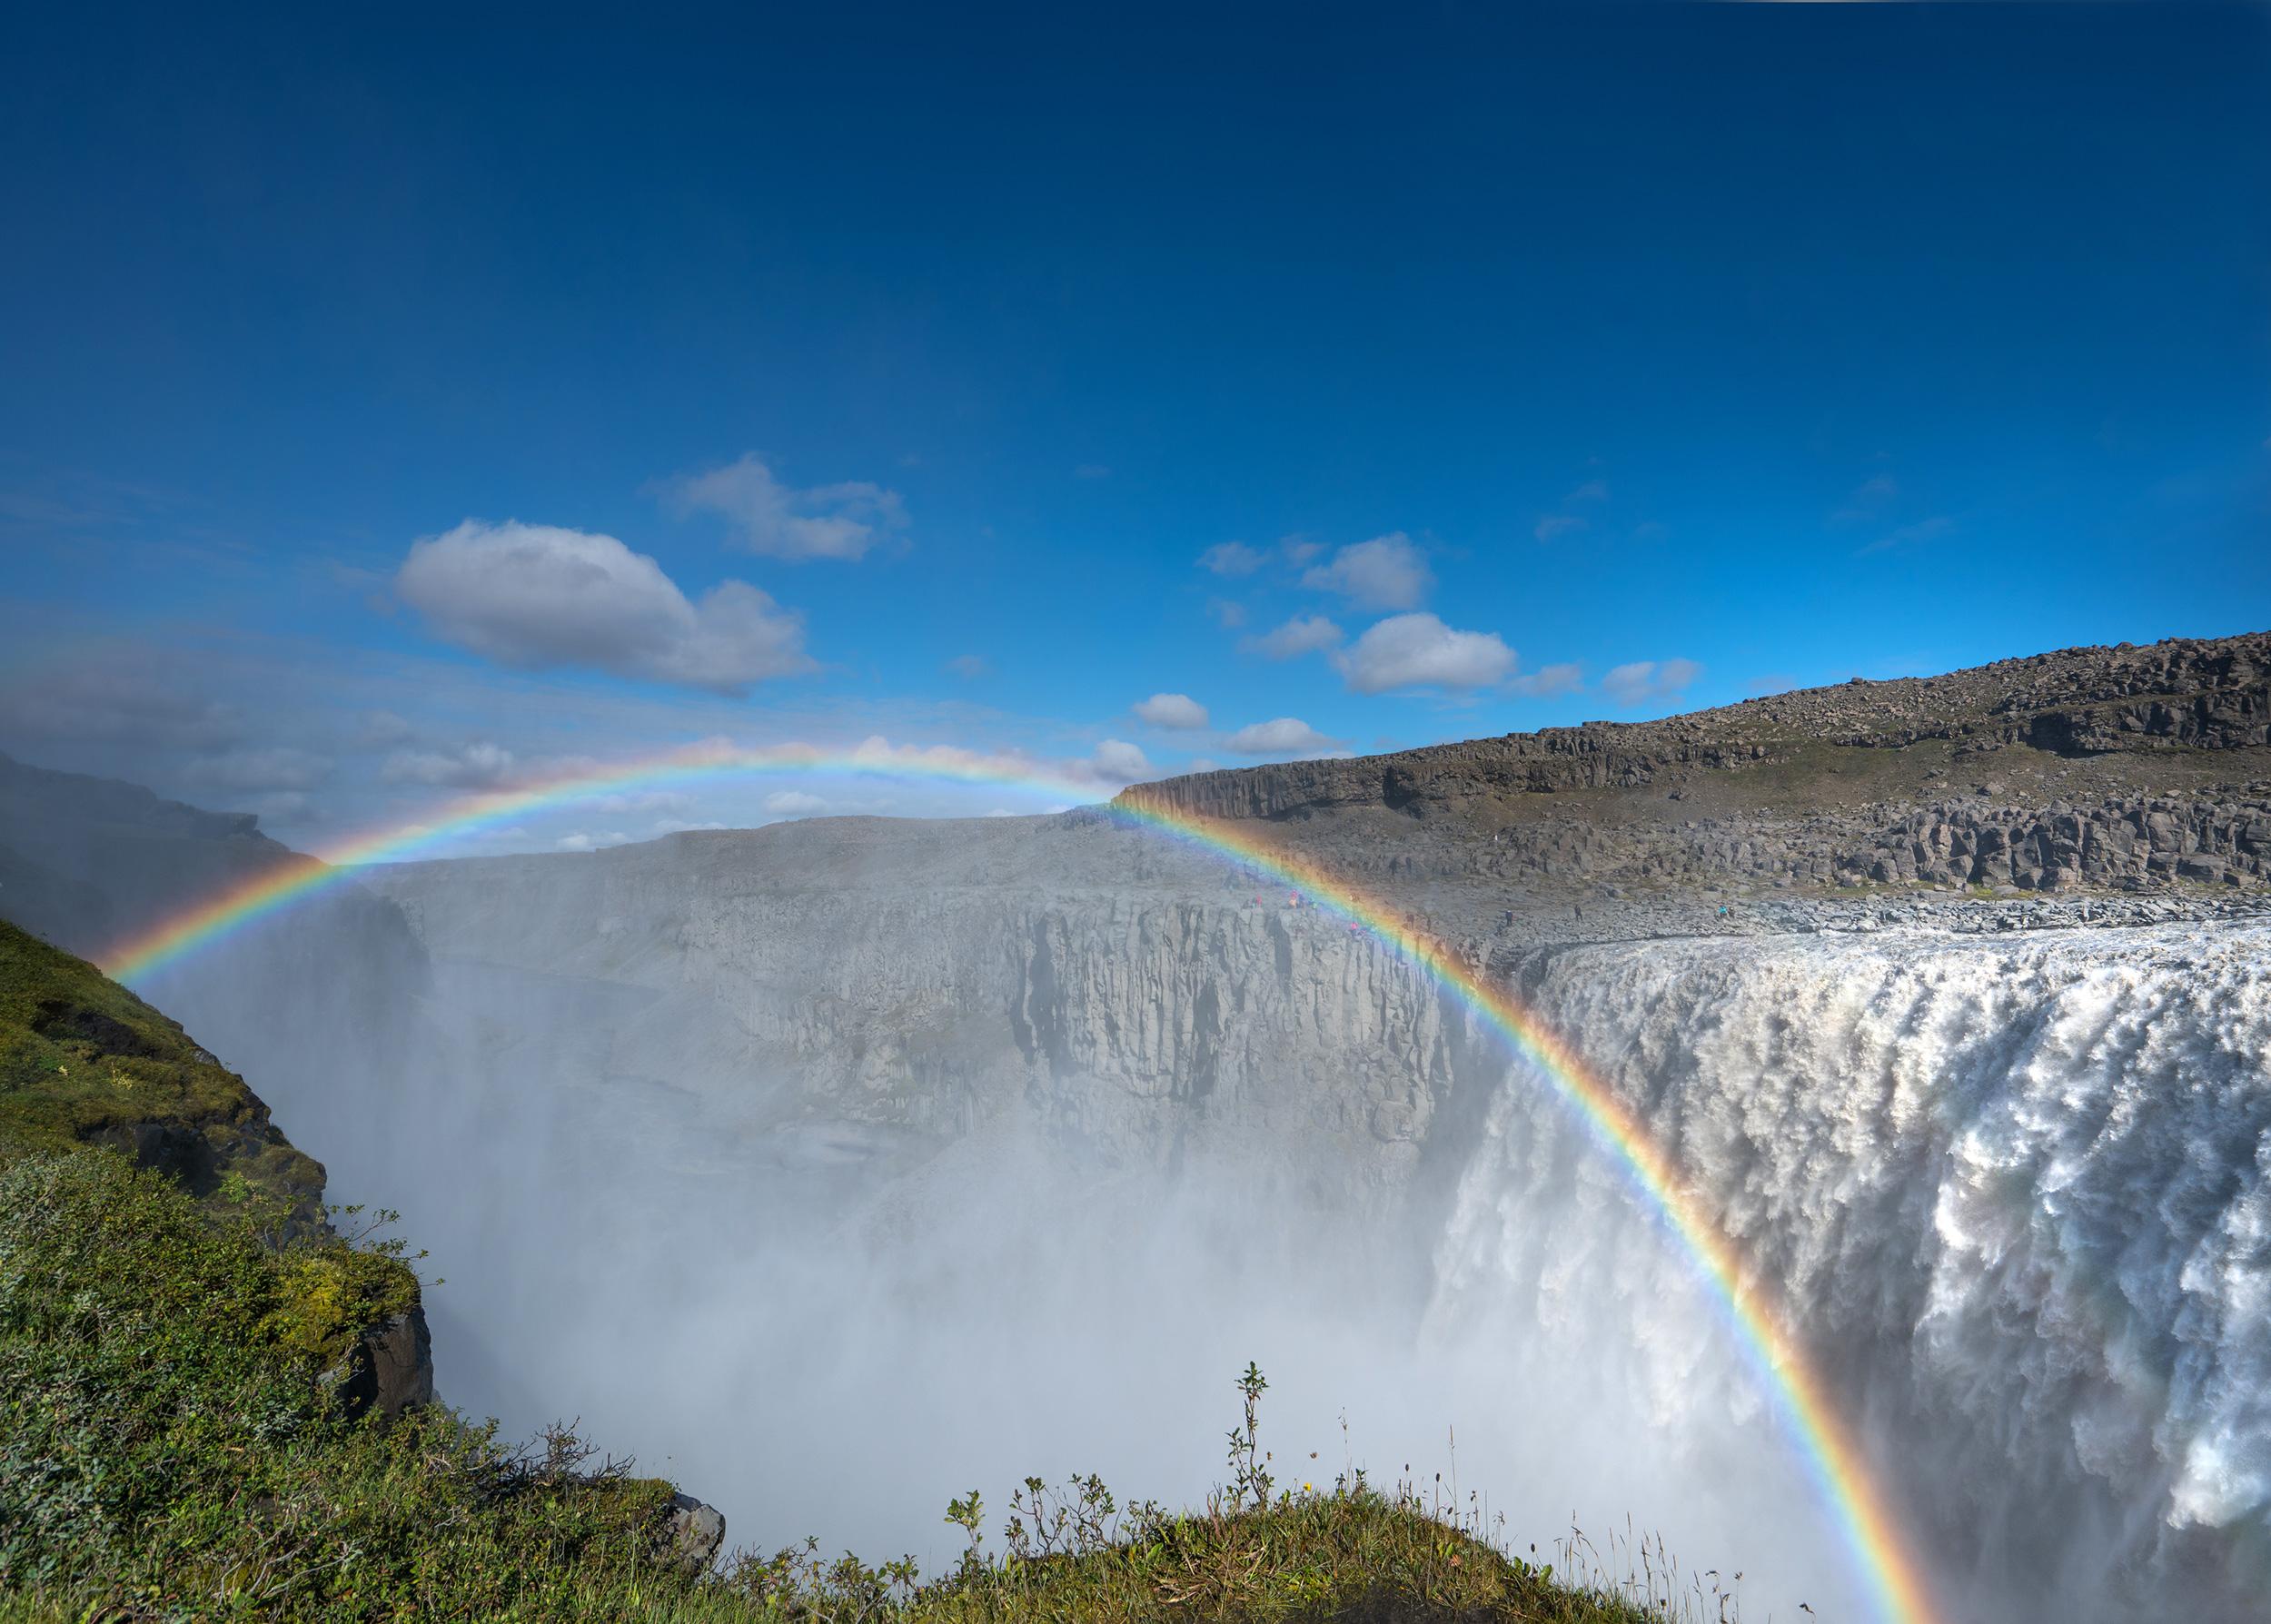 Regenbogen vor einem Wasserfall